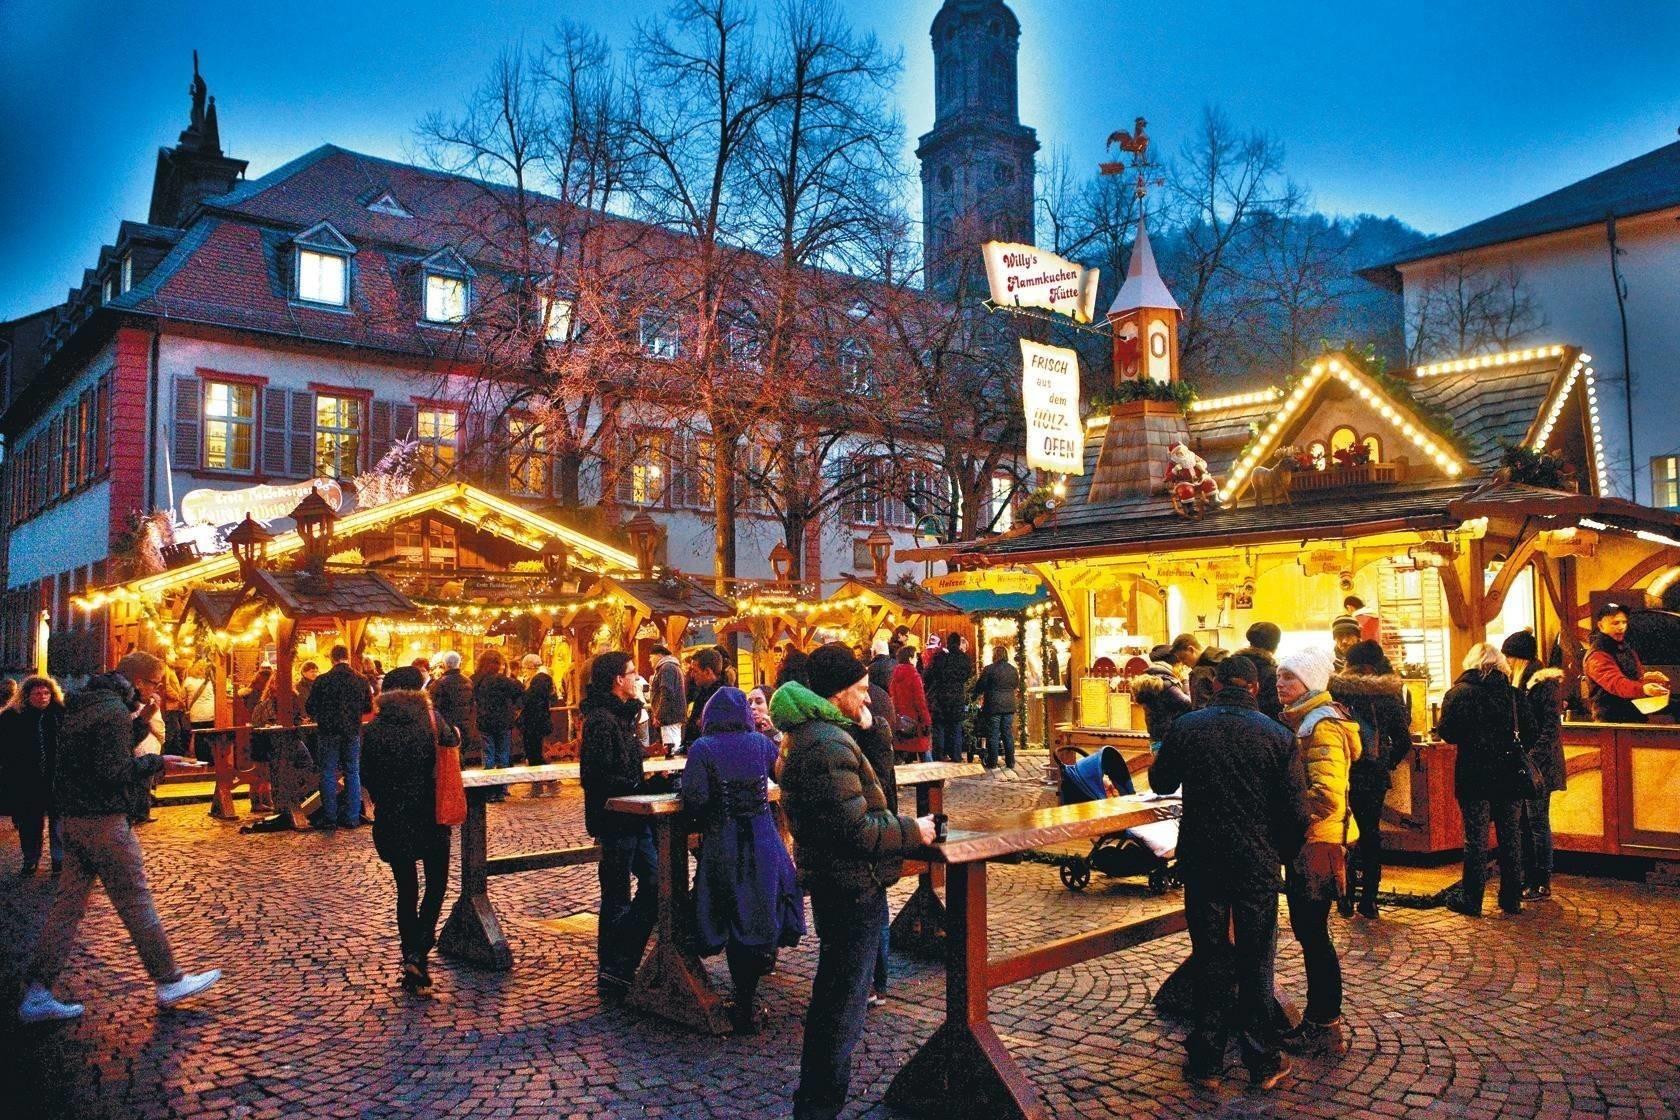 öffnungszeiten Weihnachtsmarkt Heidelberg.Heidelberger Weihnachtsmarkt Am 26 November Geht Es Los Alles